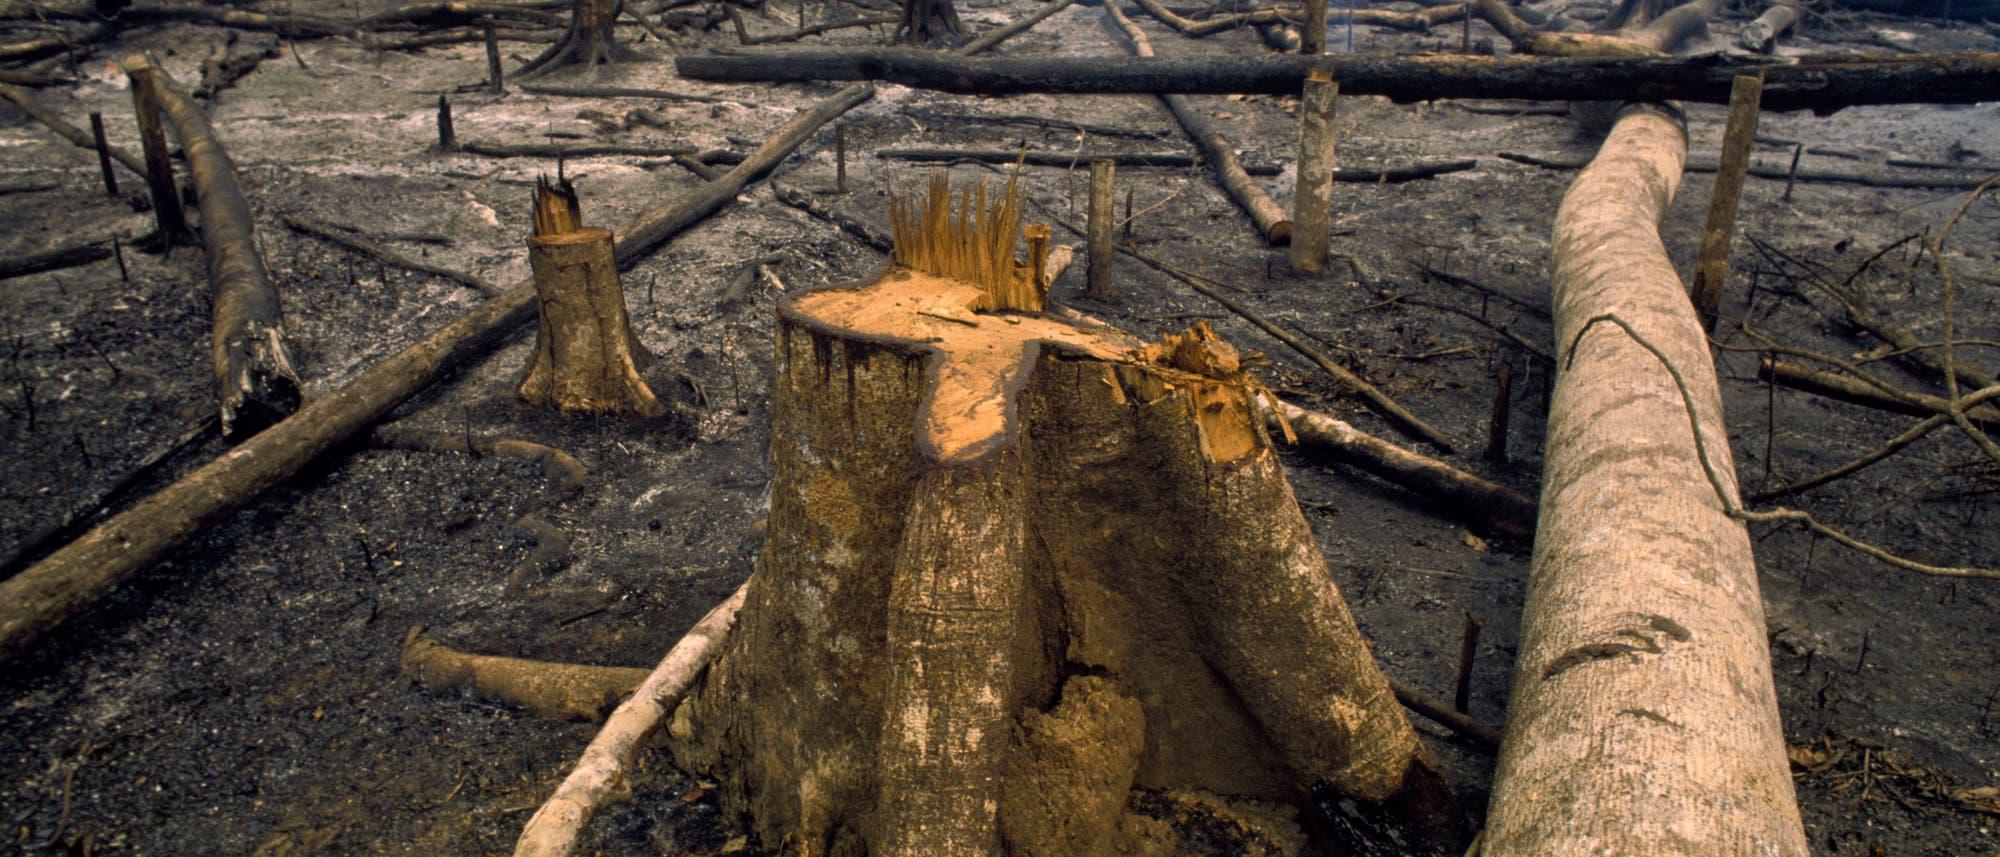 Holzeinschlag im Amazonas-Regenwald